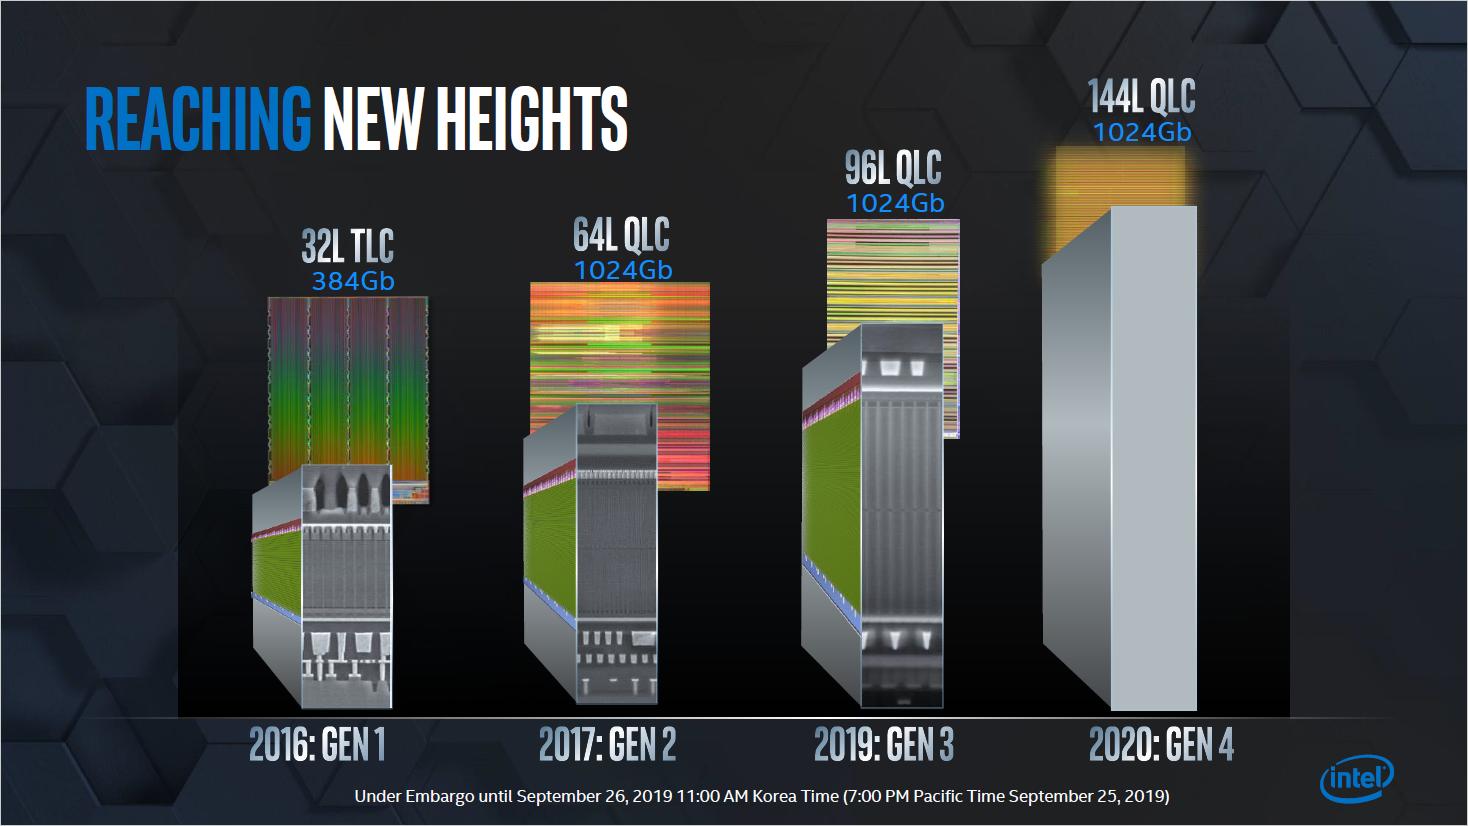 SSDs: Intel arbeitet an 144-Schicht-Speicher und 5-Bit-Zellen -